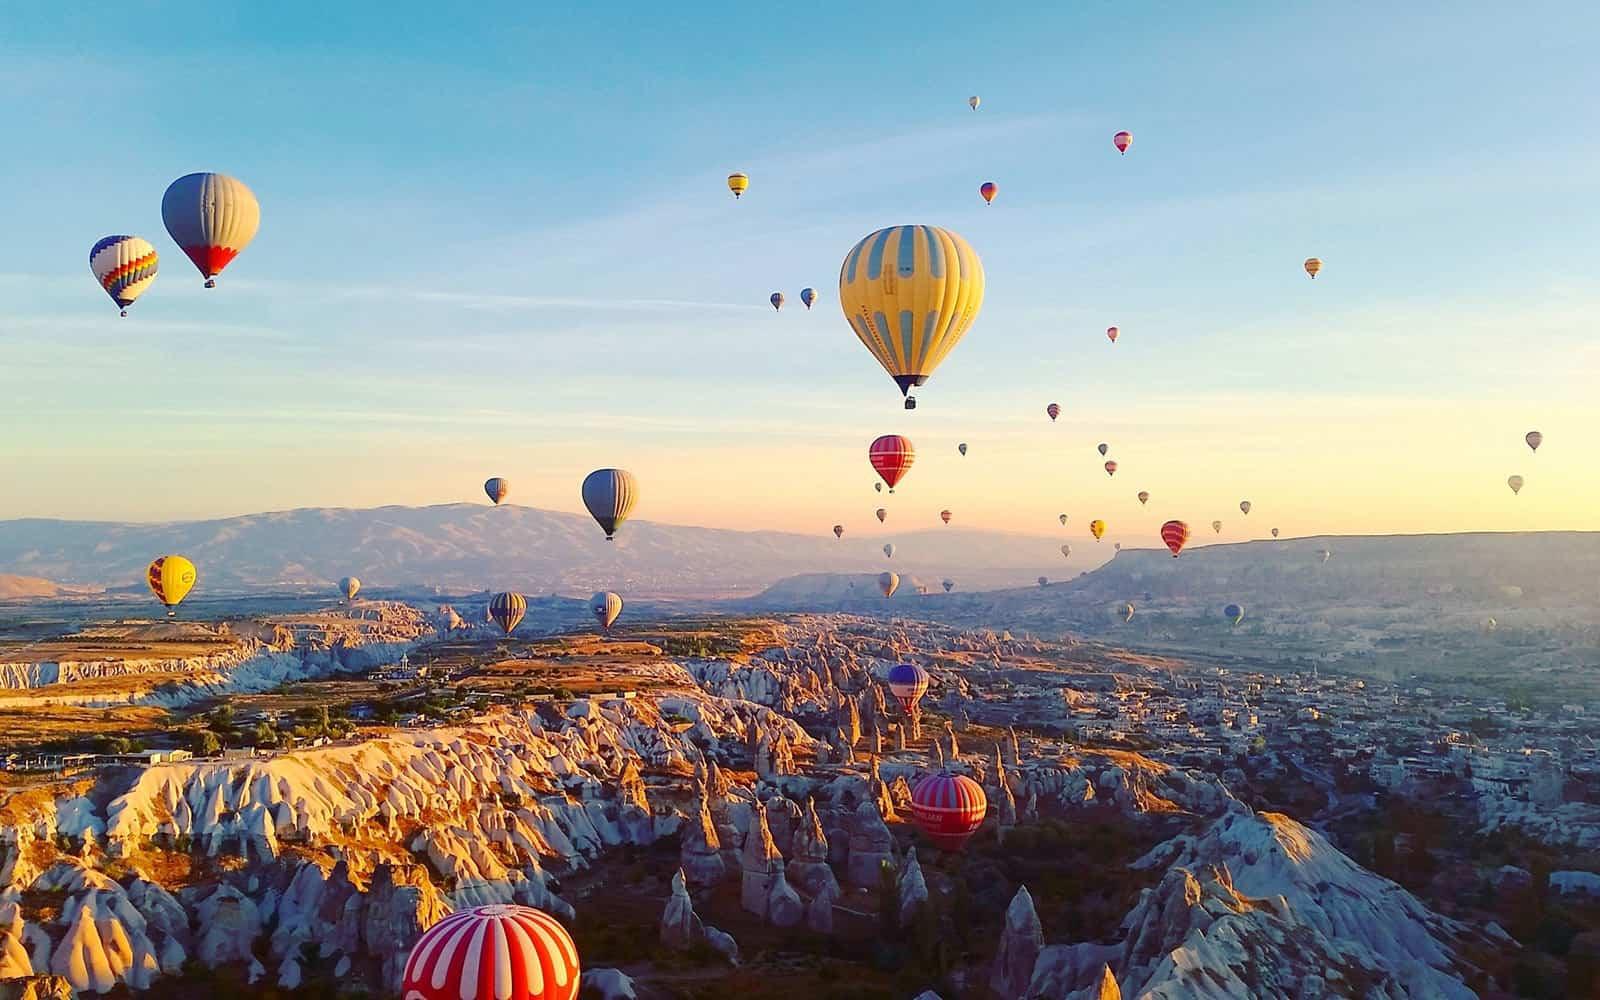 2019世界各國旅遊簽證Visa大全+最新情報 (香港特區護照及BNO) - Goflyla Travel Blog 高飛啦-自由行旅遊情報雜誌